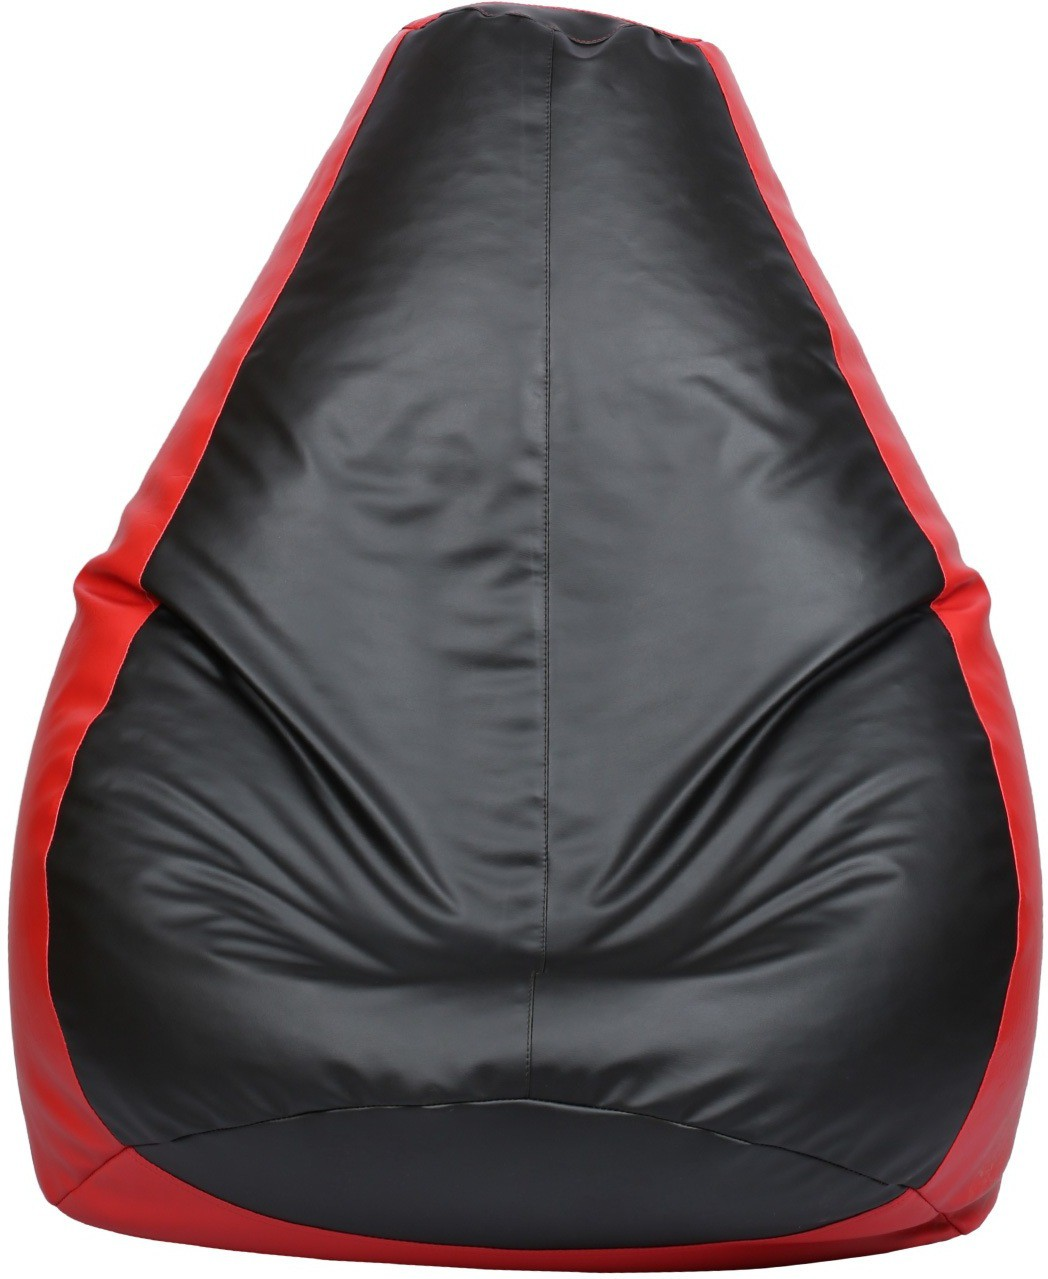 View VizwaSS XXL Teardrop Bean Bag  With Bean Filling(Black, Red) Furniture (VizwaSS)